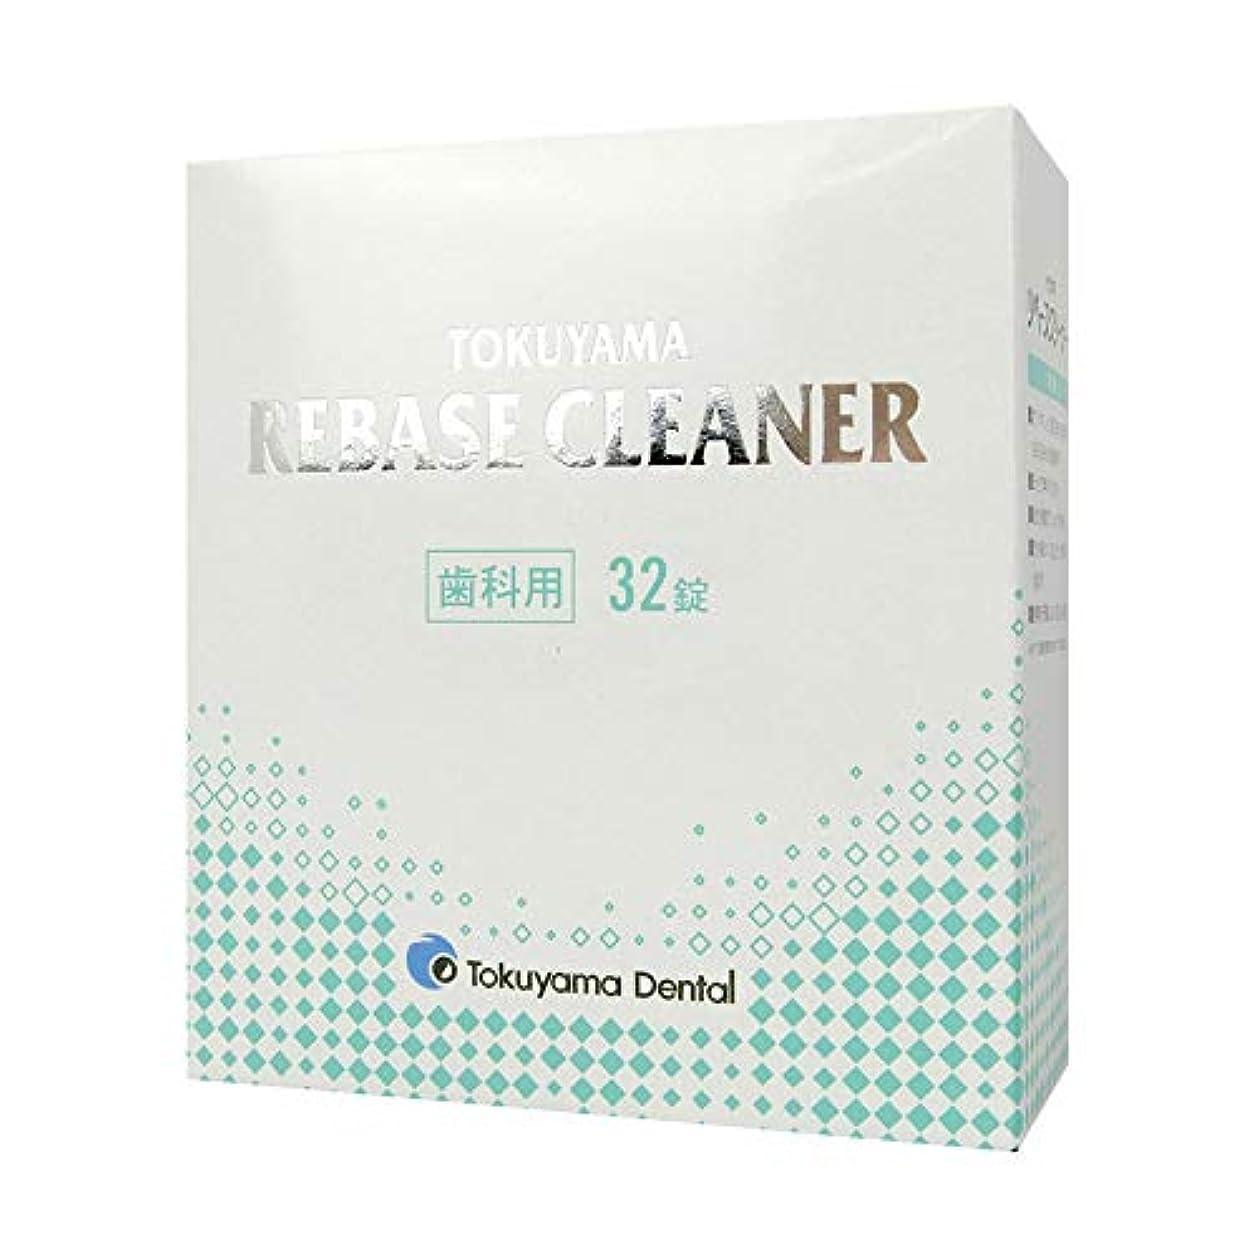 可能遅い用語集トクヤマ リベースクリーナー 32錠(入れ歯洗浄剤) × 1個